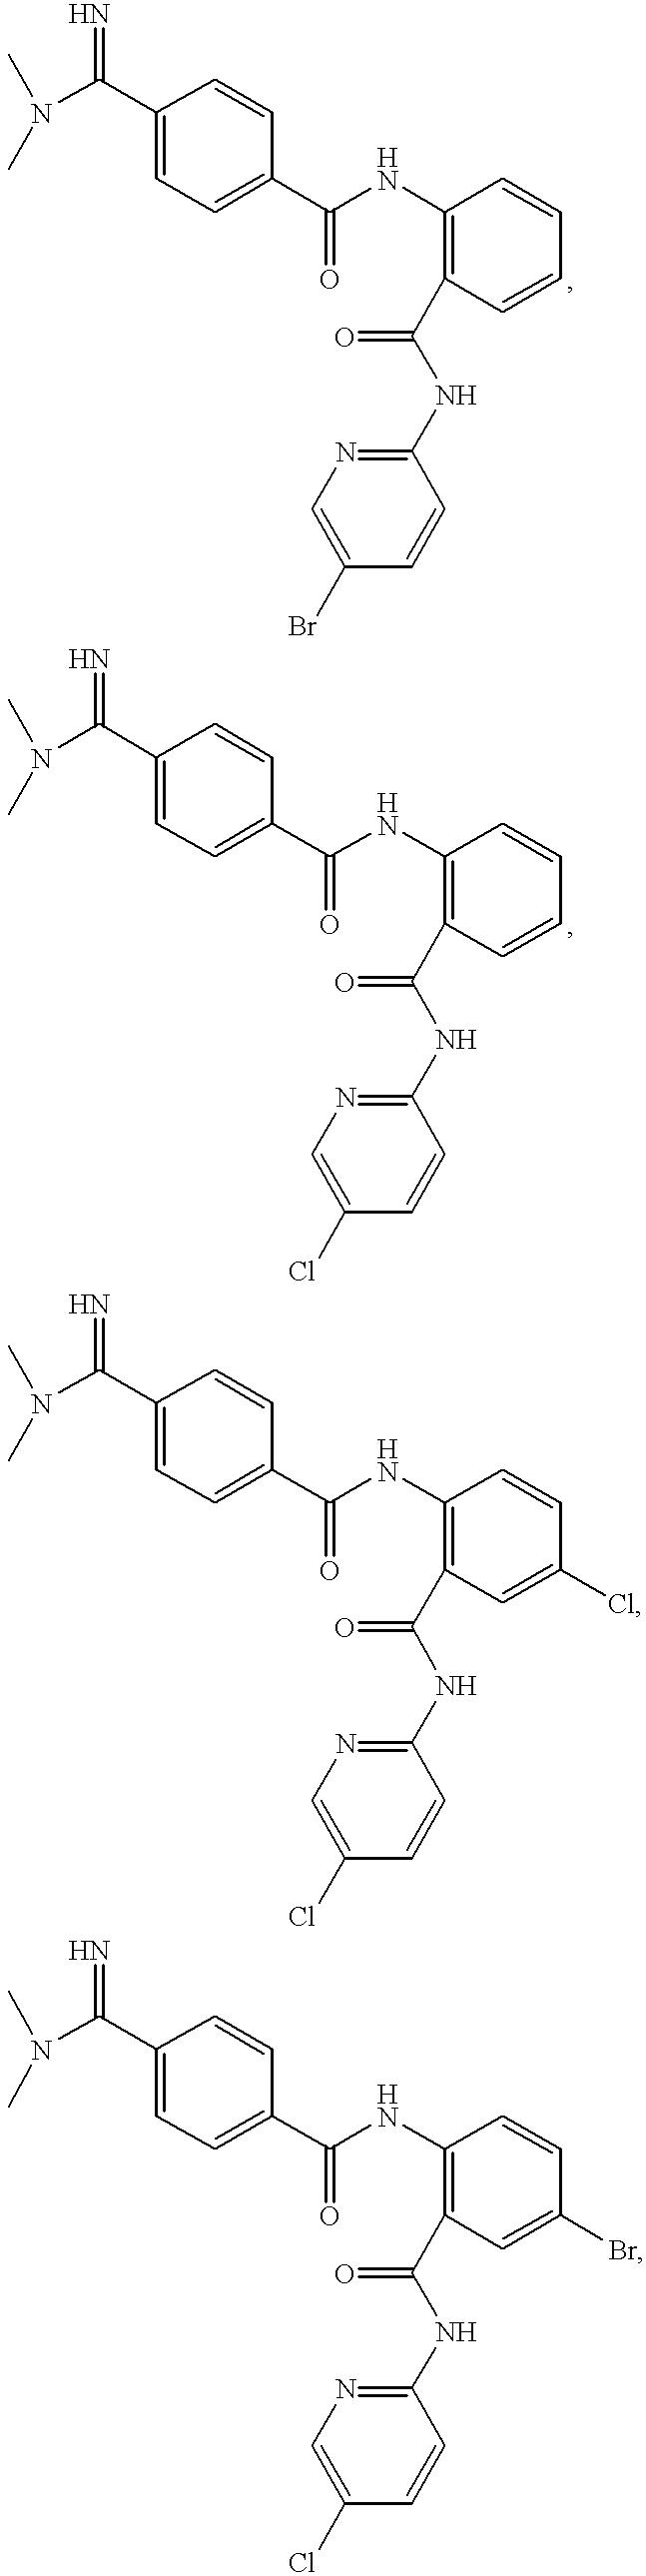 Figure US06376515-20020423-C00045